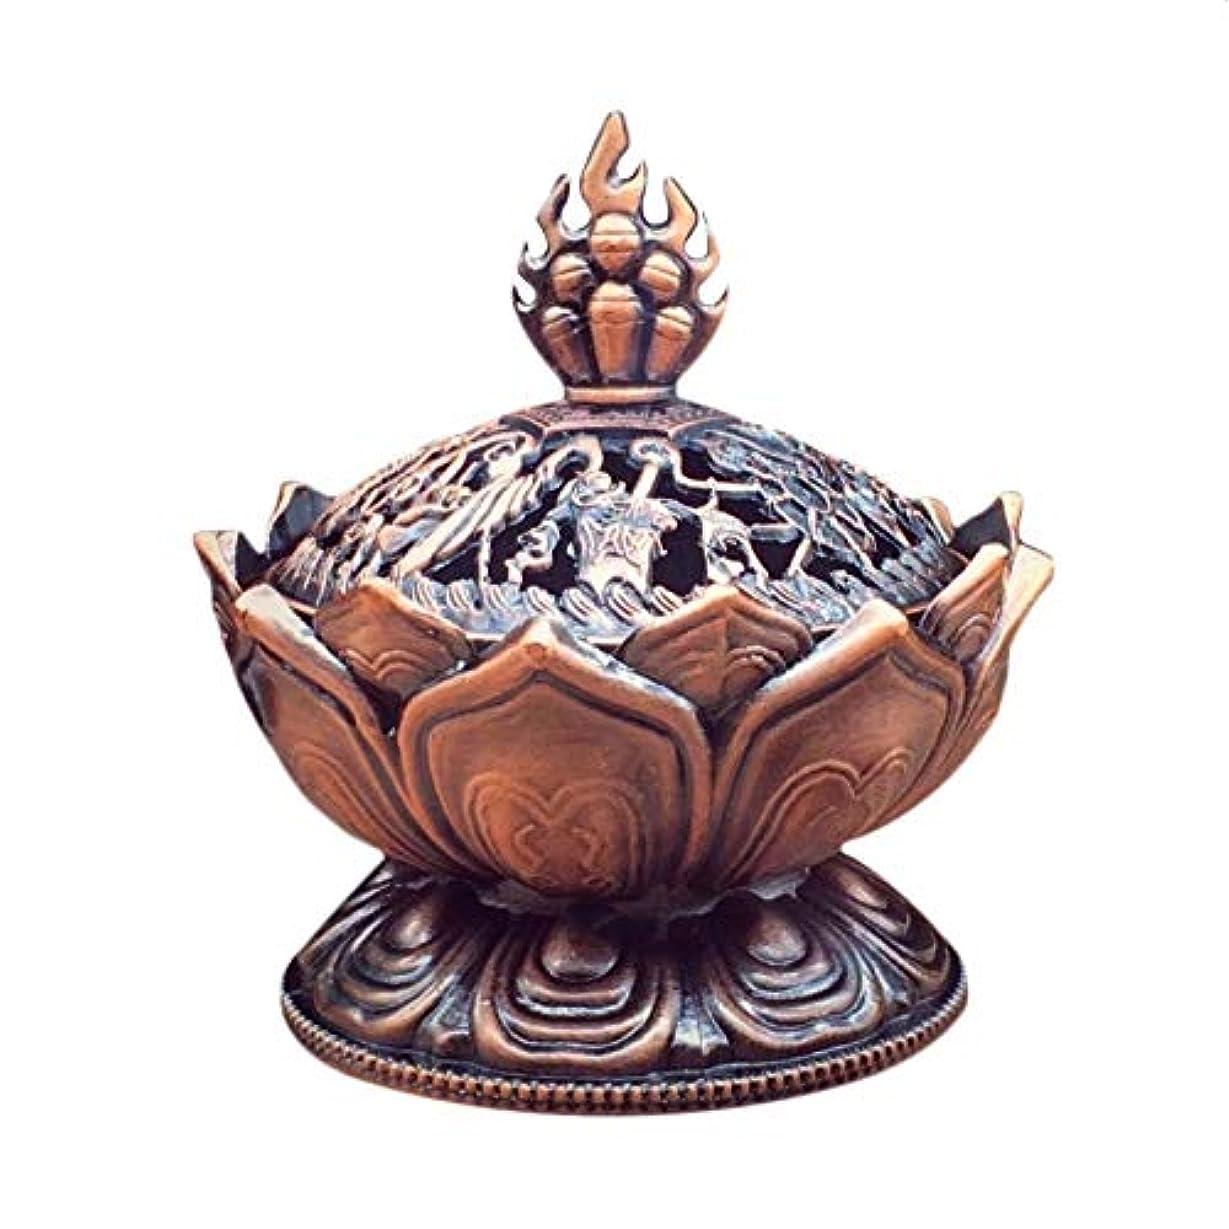 スイッチグリル狂乱チベットロータス合金ブロンズミニ香炉メタルクラフトホームデコレーション